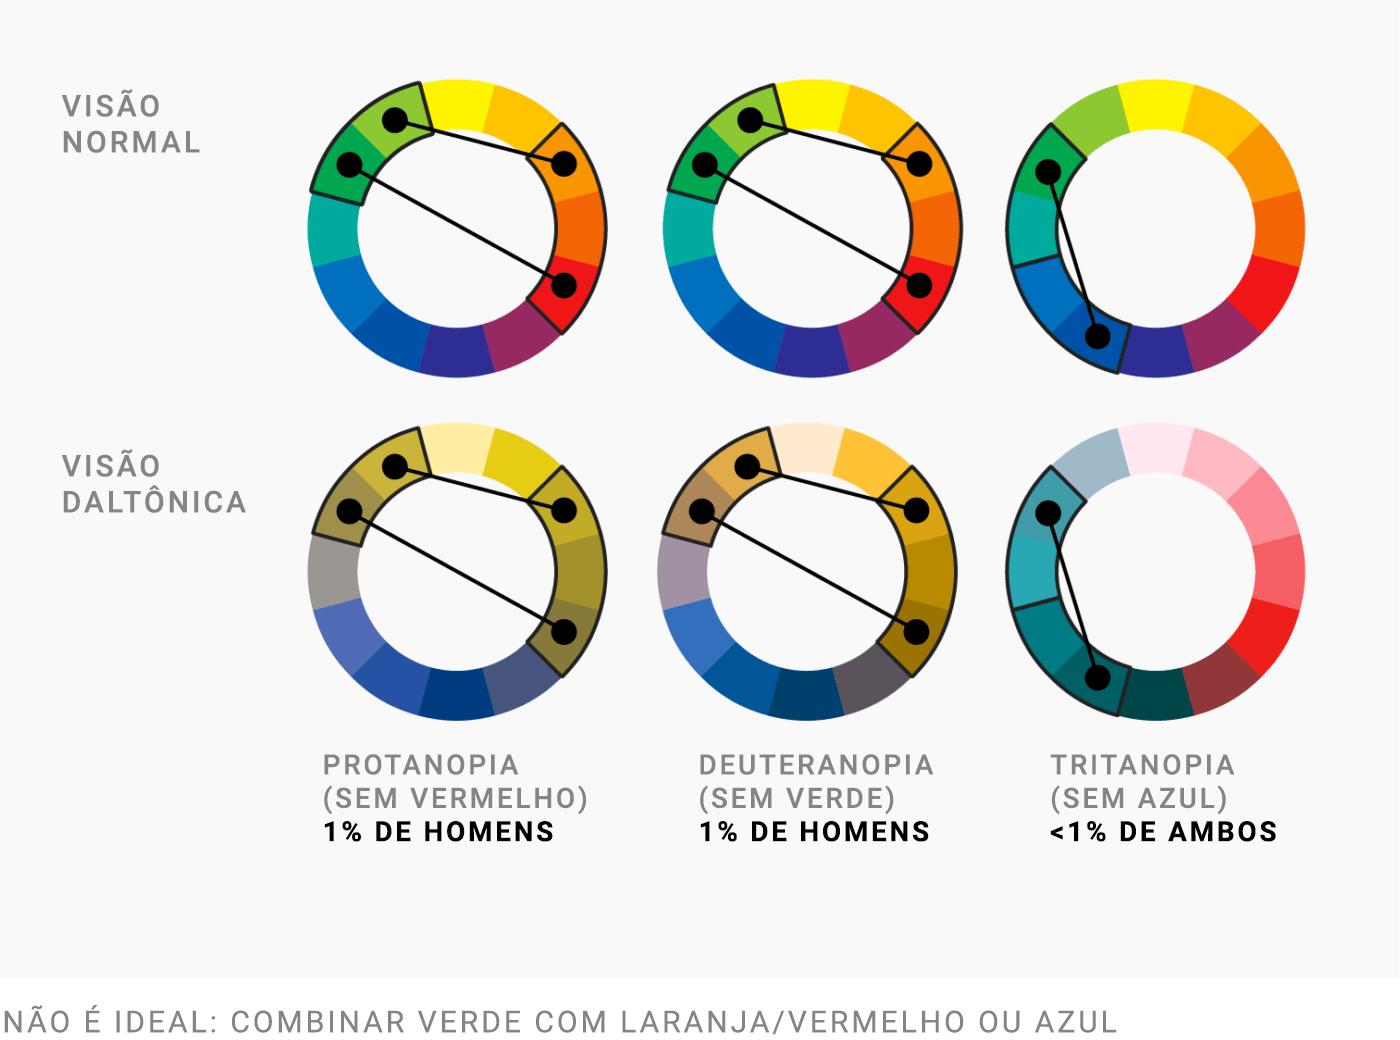 Visão normal   Visão de um daltônico   Protanopia (deficiência para o vermelho) - 1% dos homens   Deuteranopia (deficiência para o verde) - 1% dos homens   Tritanopia (deficiência para o azul) - < 1% de ambos   Não é ideal: combinar verde com laranja / vermelho ou azul